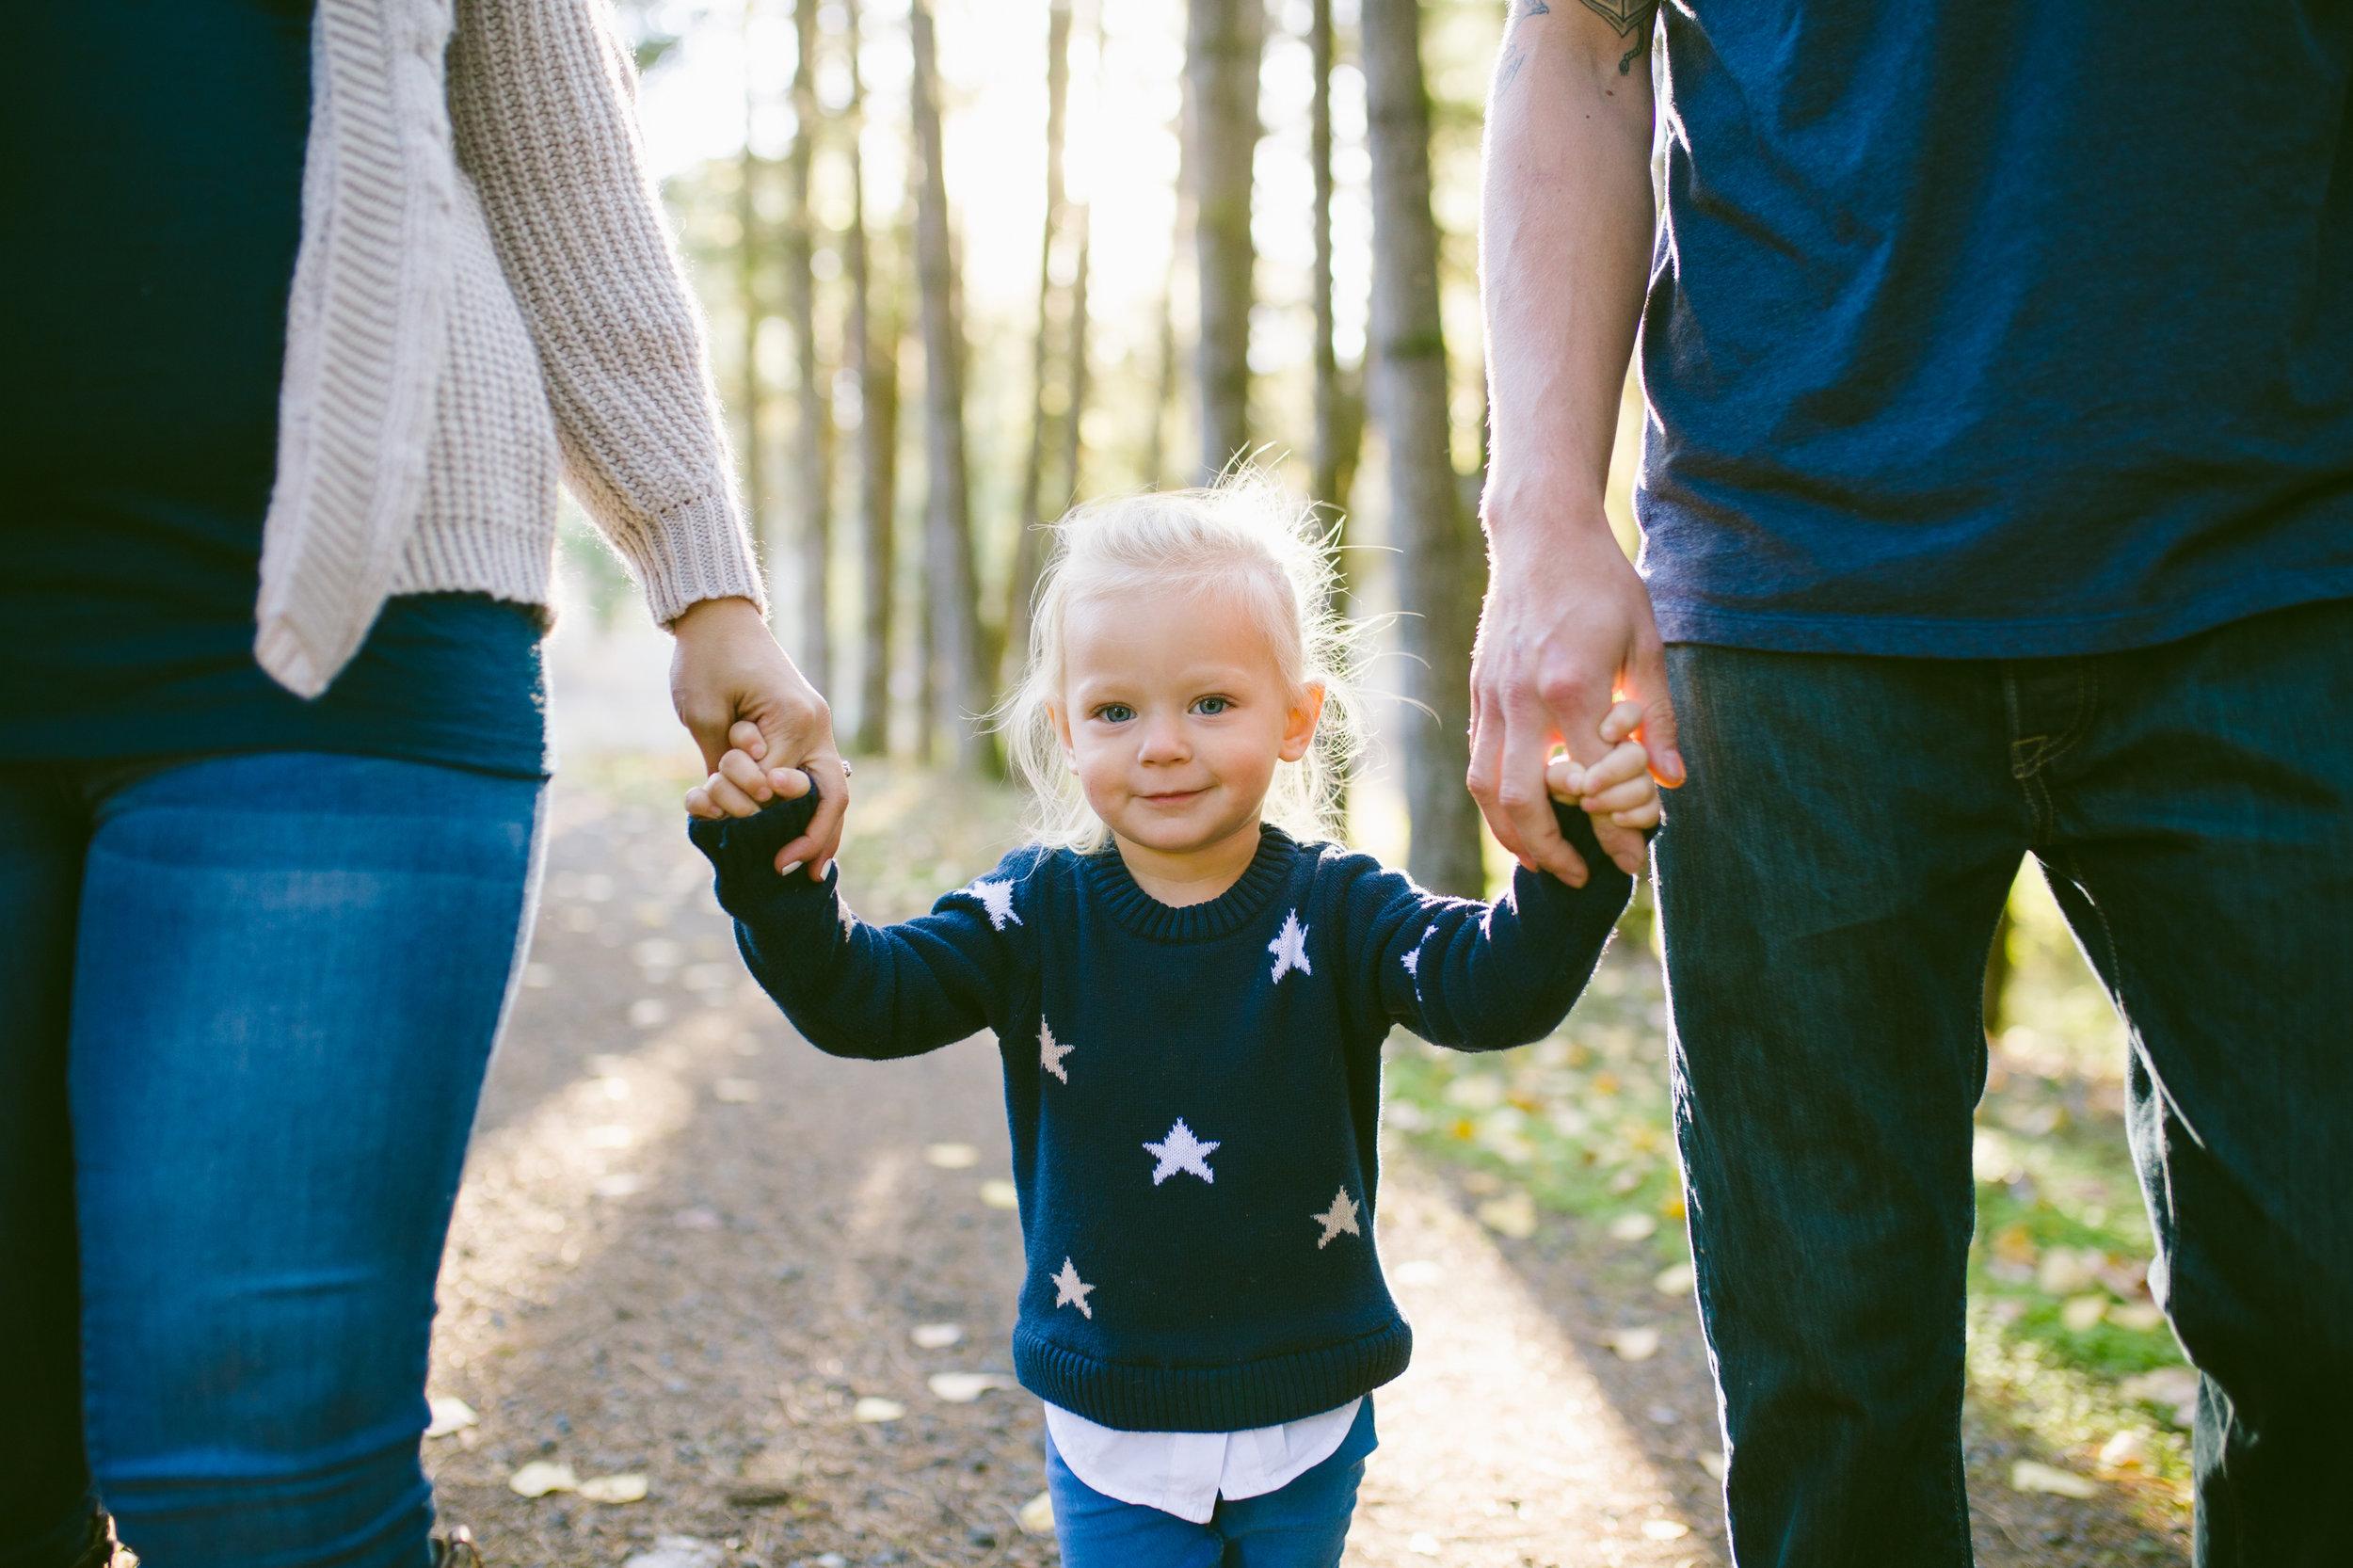 newberg-oregon-family-photographer-5.jpg